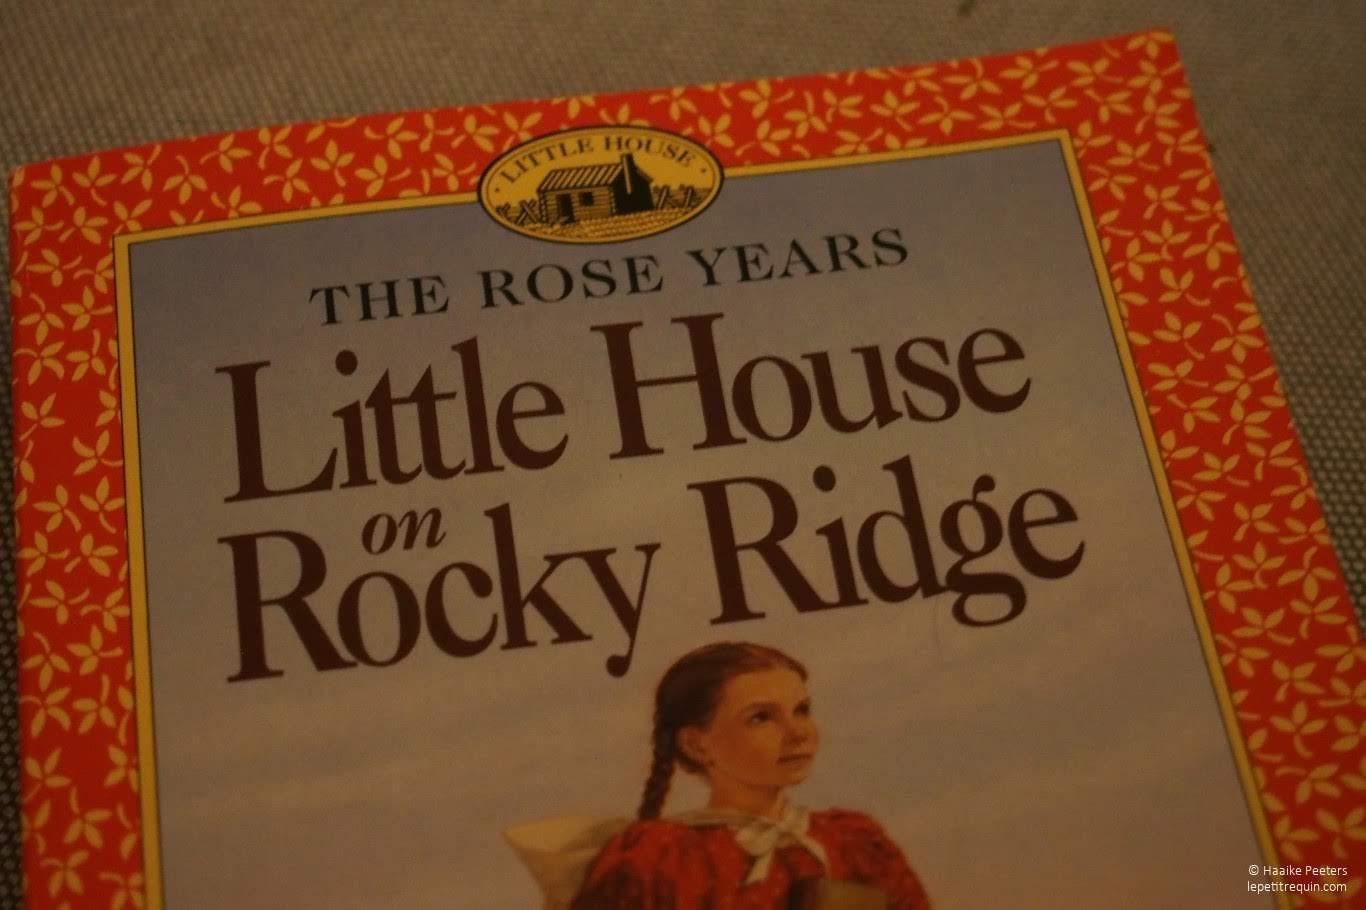 Little House on Rocky Ridge (Le petit requin)